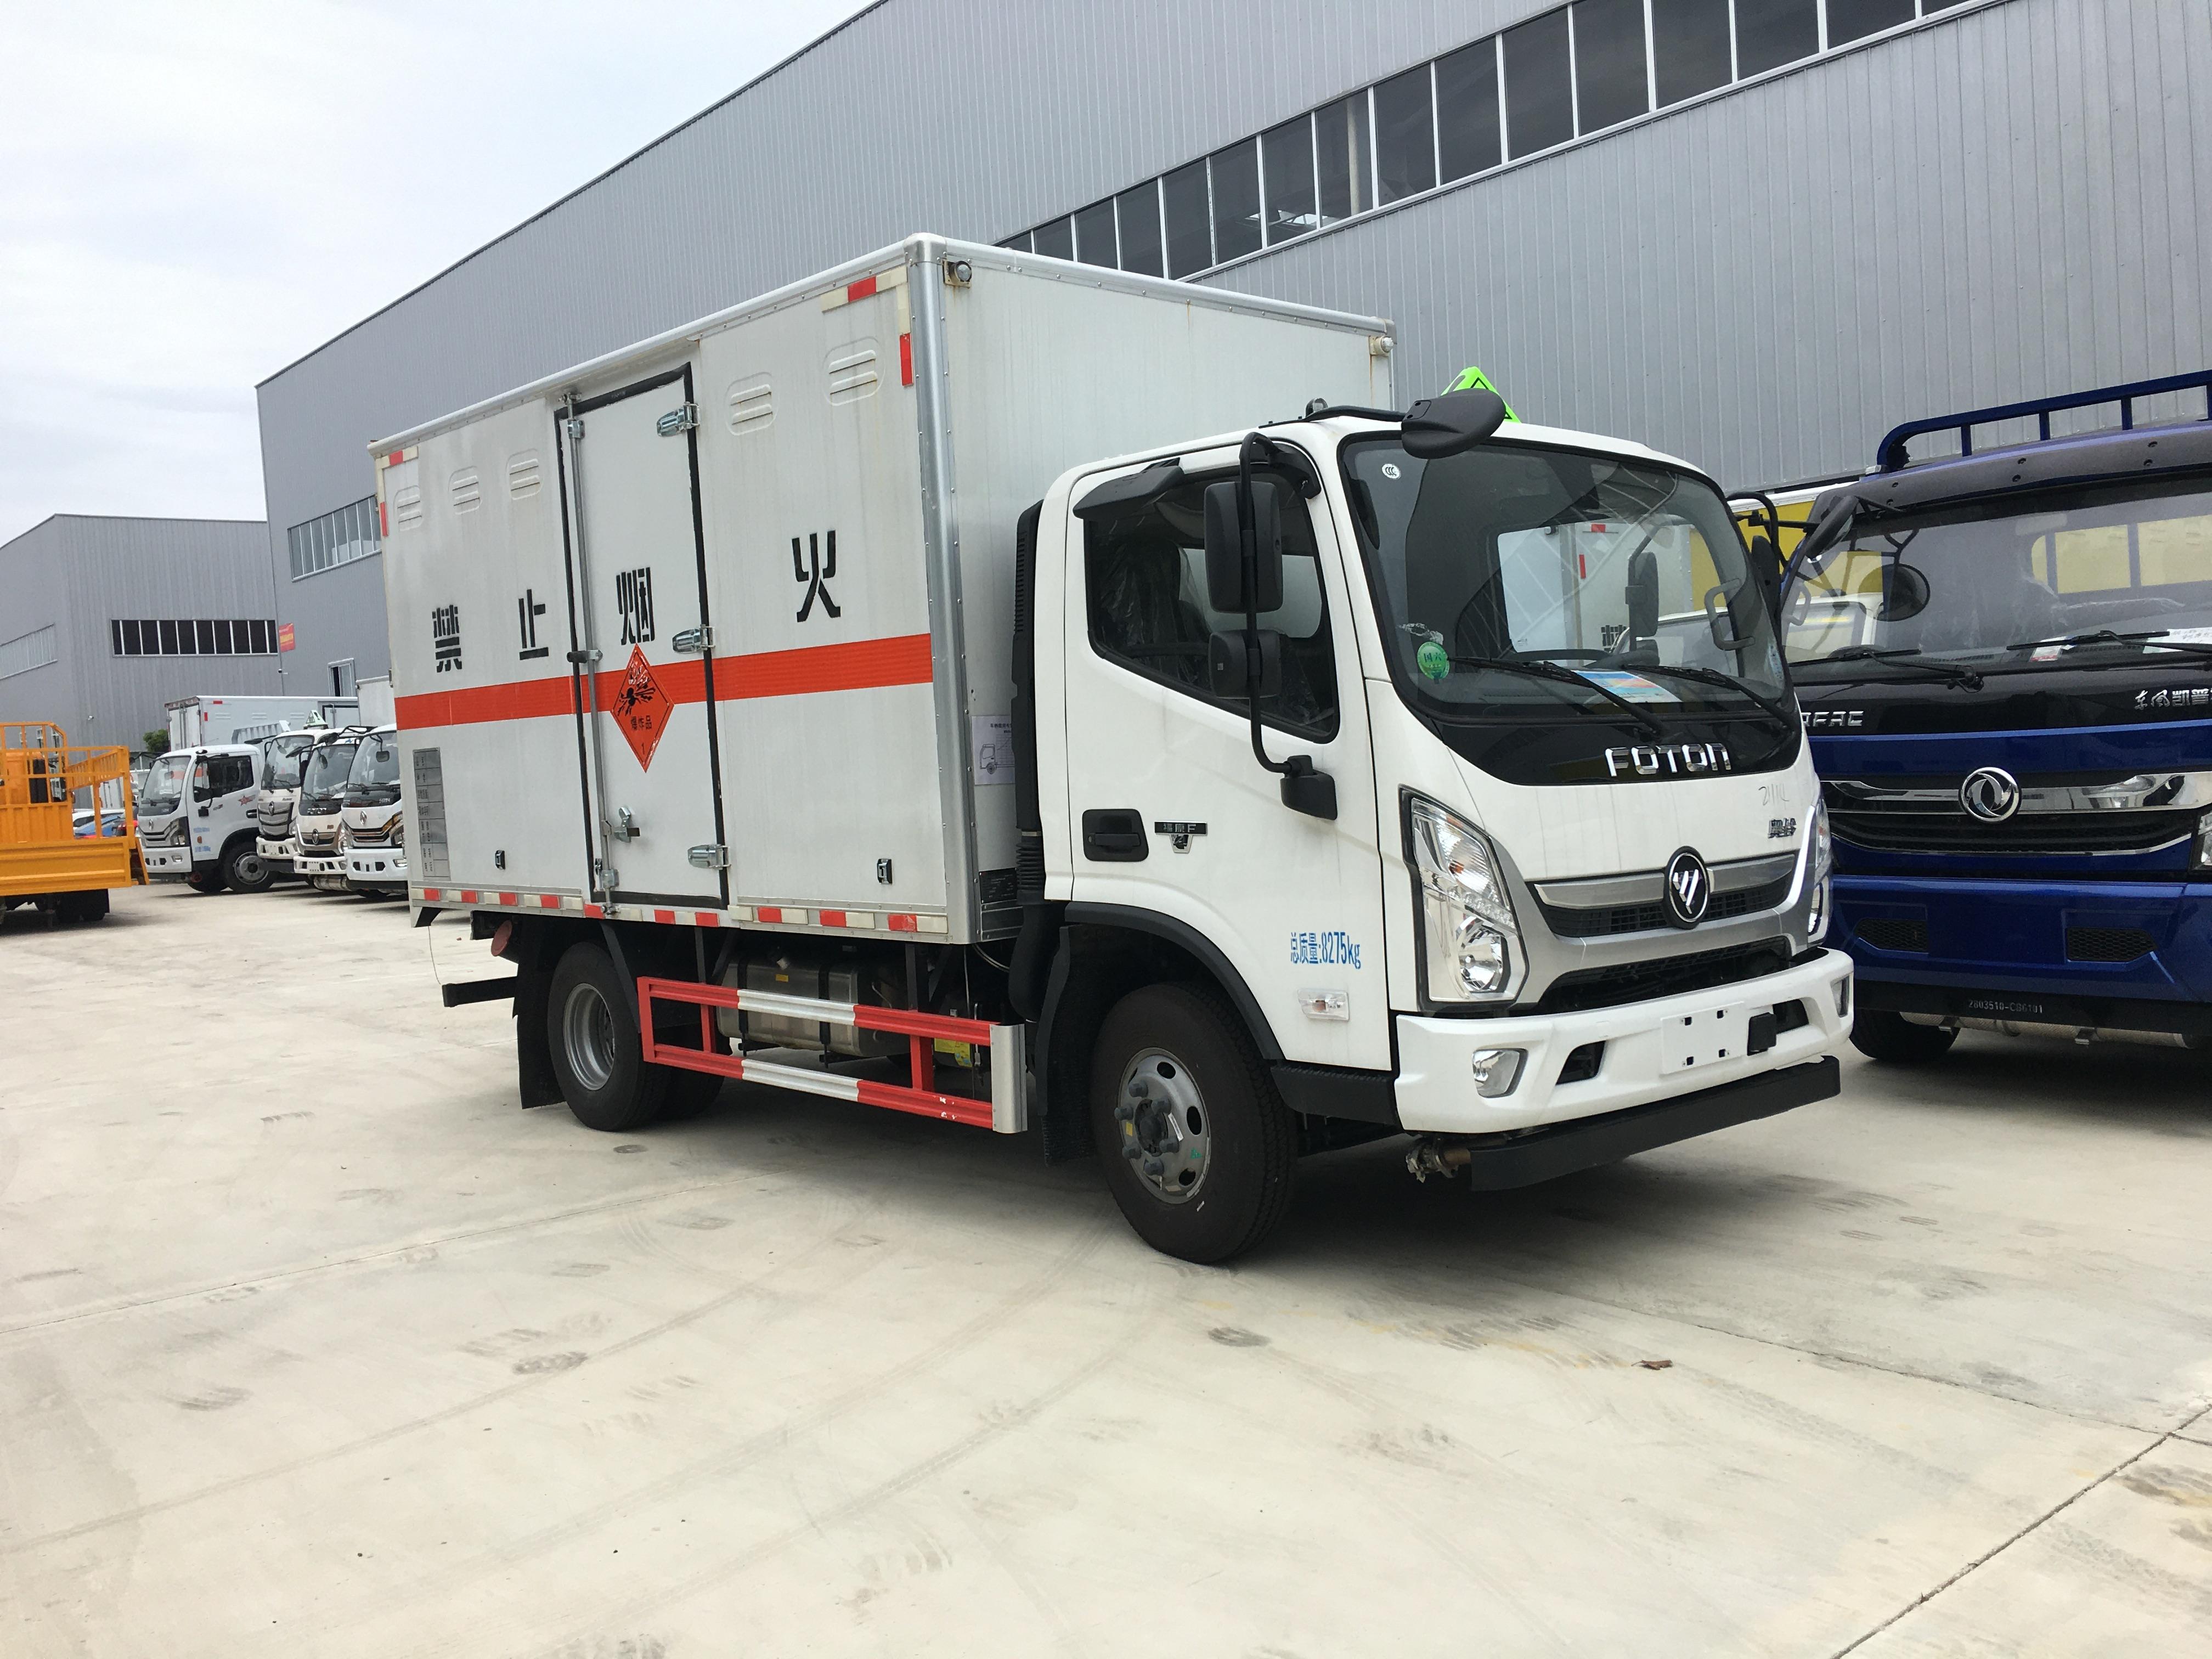 福田5.2米爆炸物品廂式運輸車配置詳情視頻